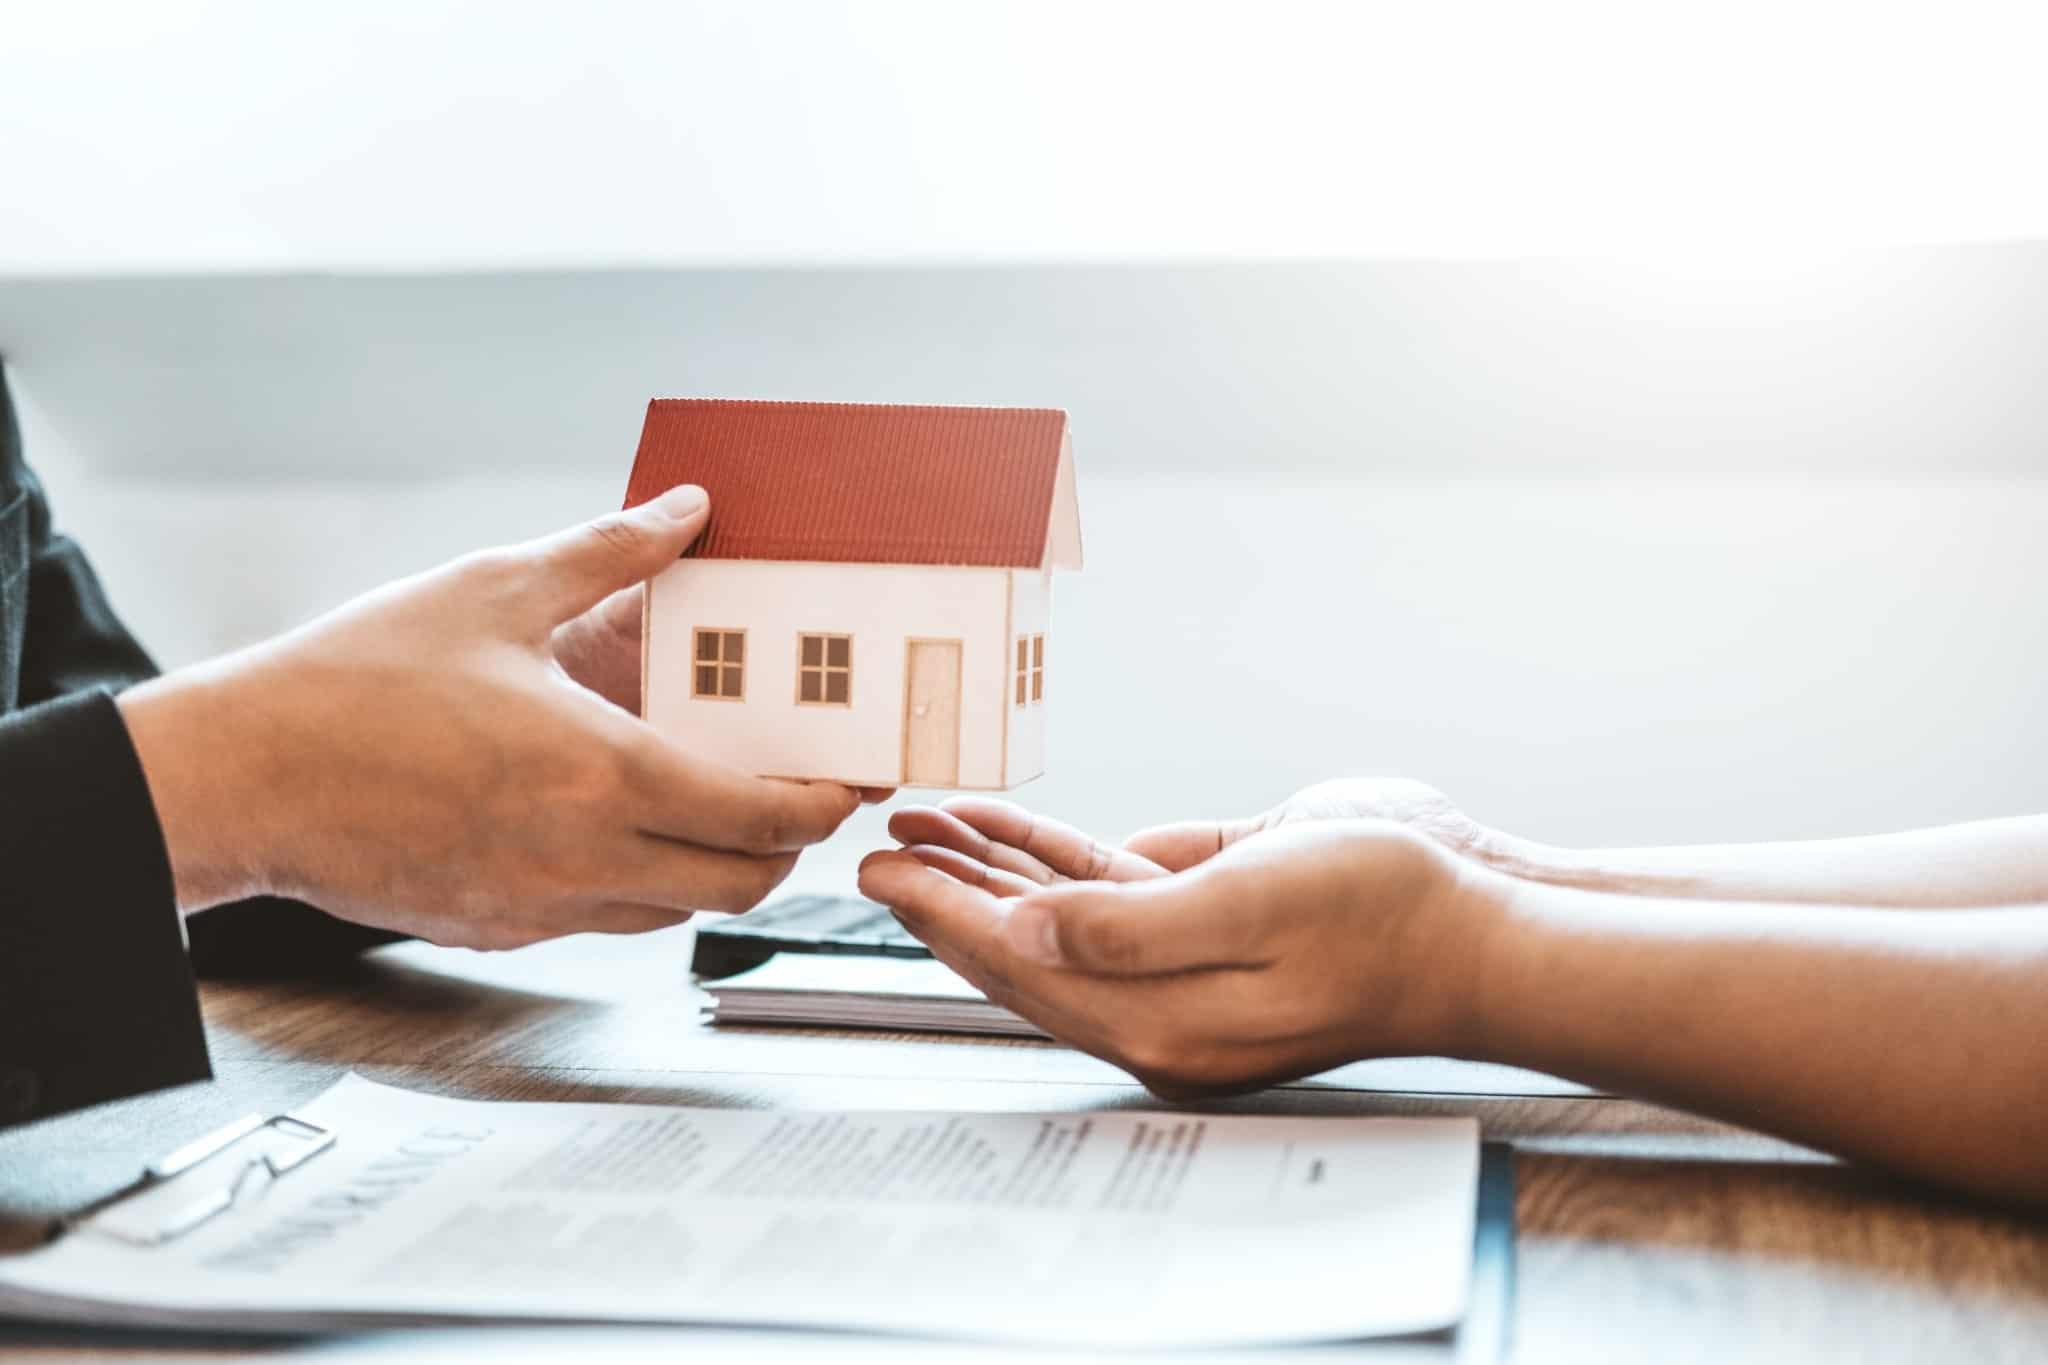 contrato de compra de uma casa